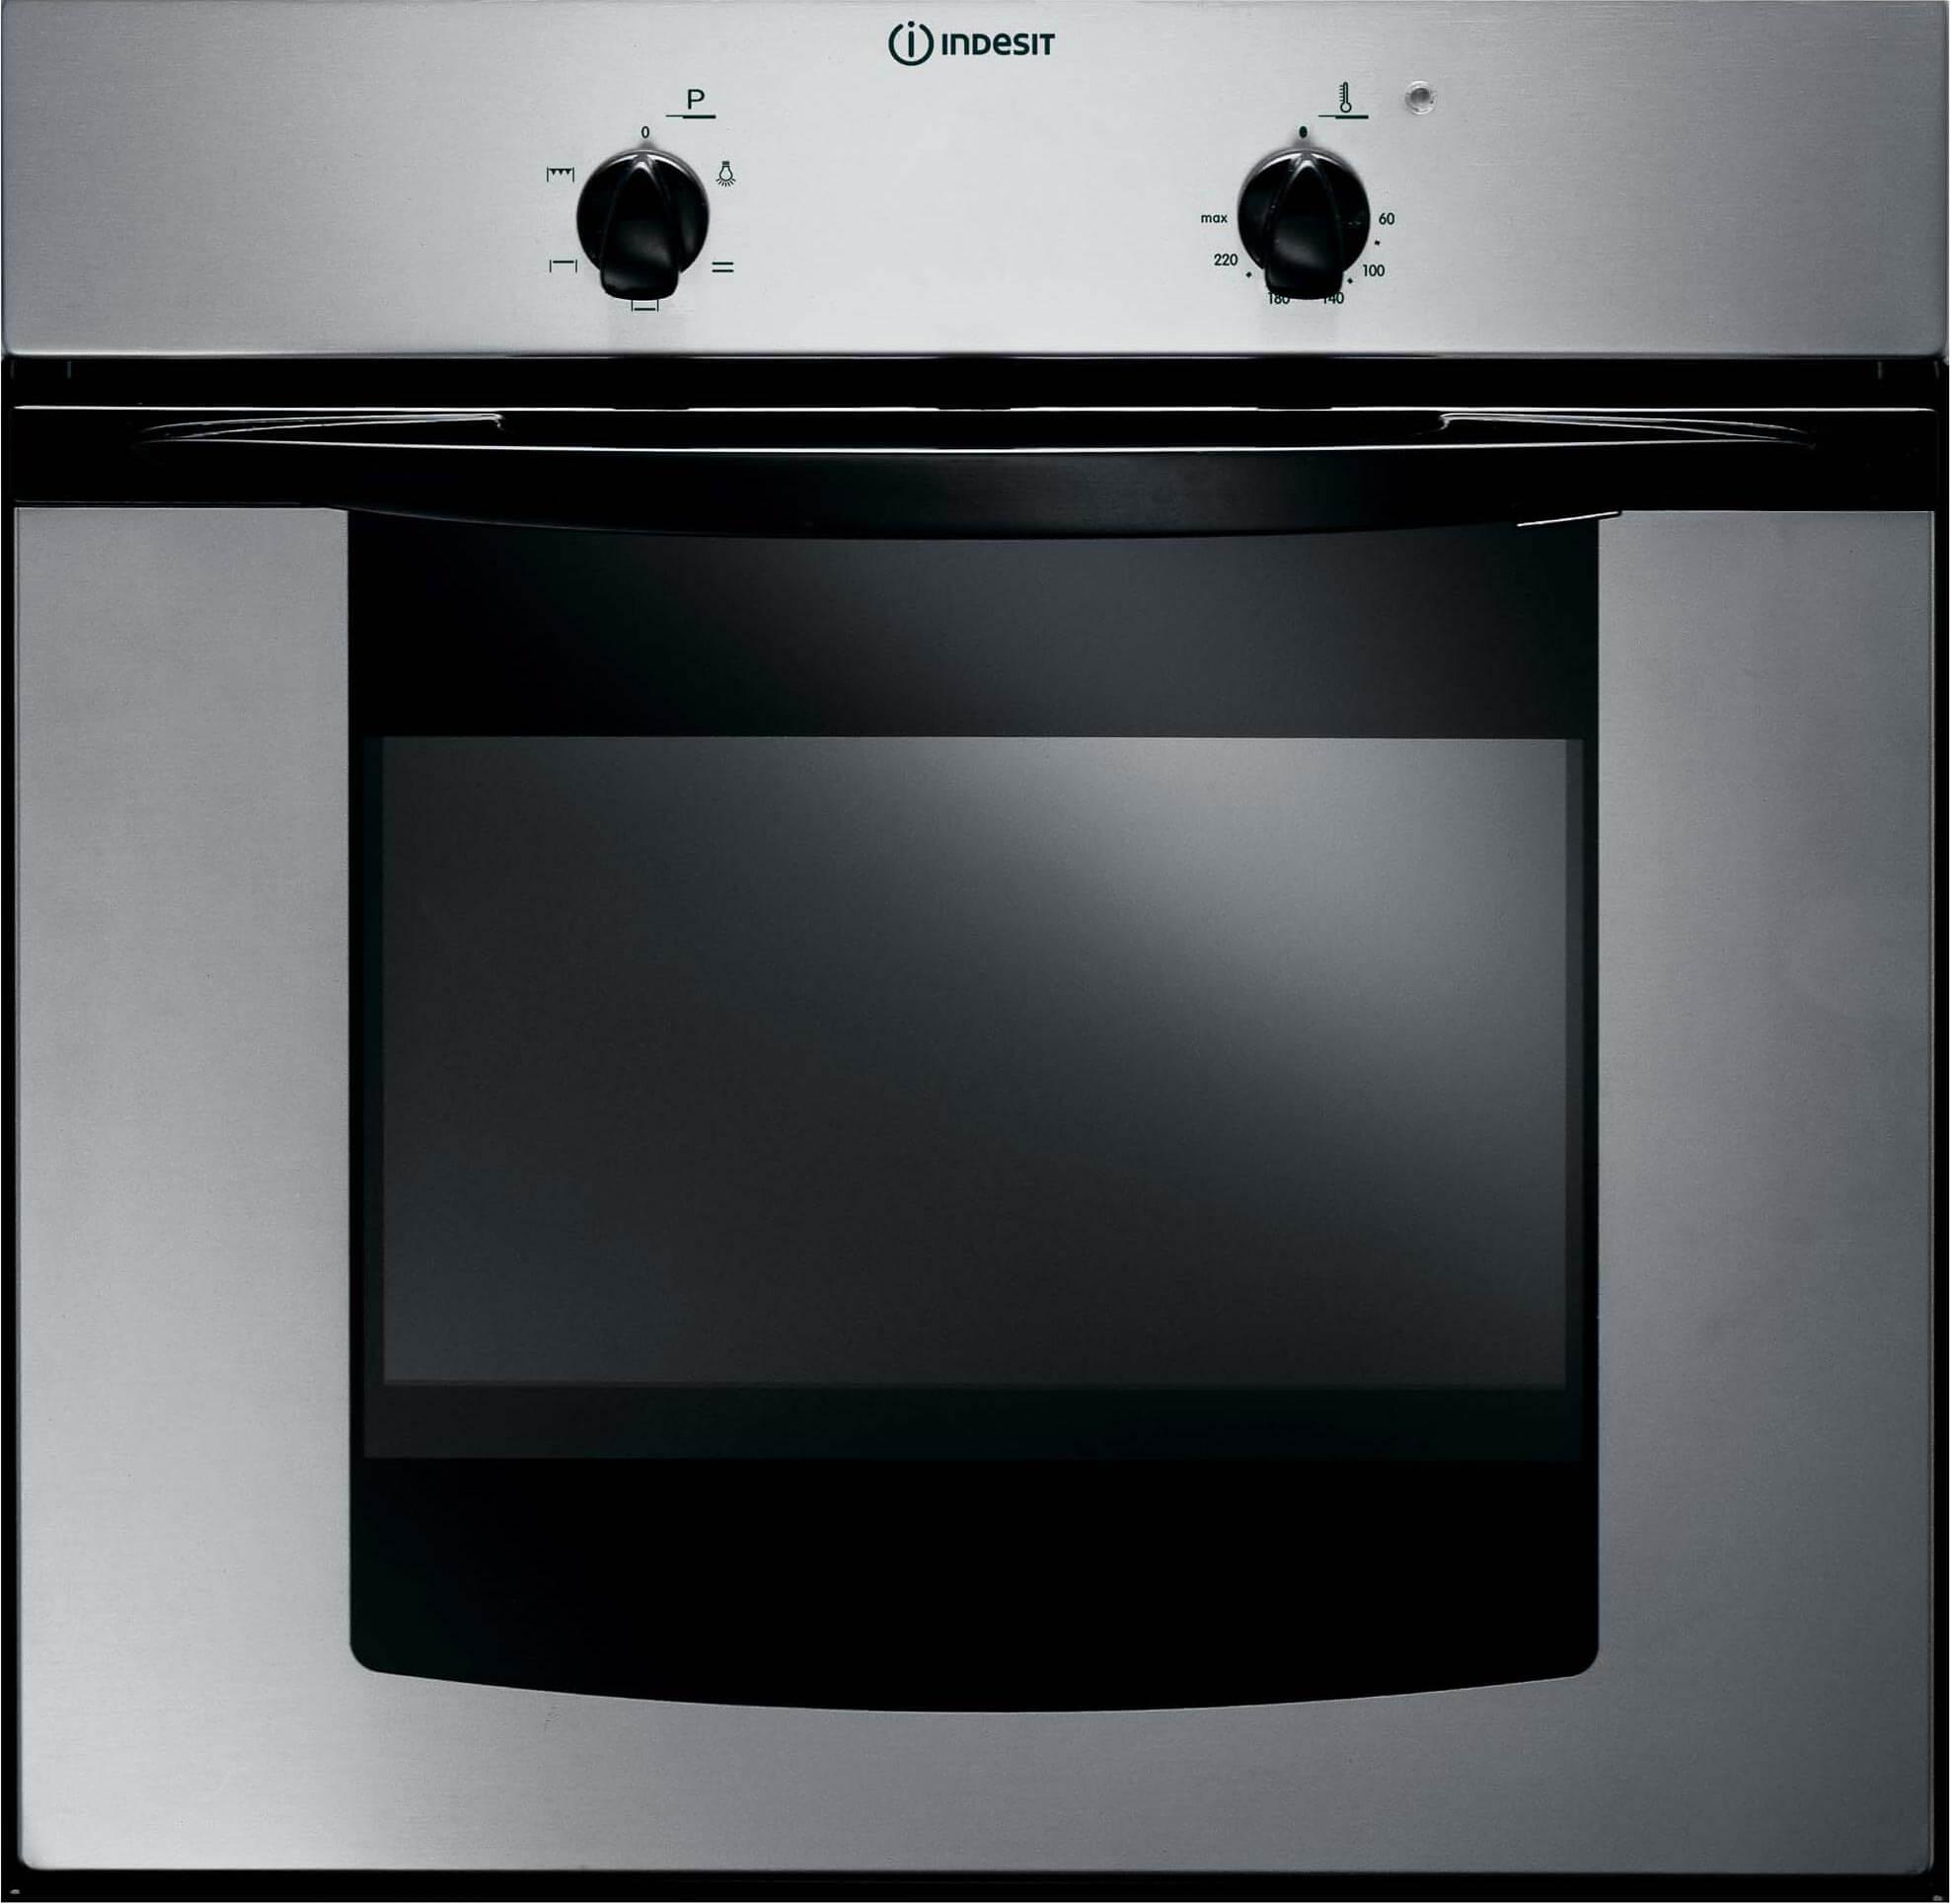 hornos indesit